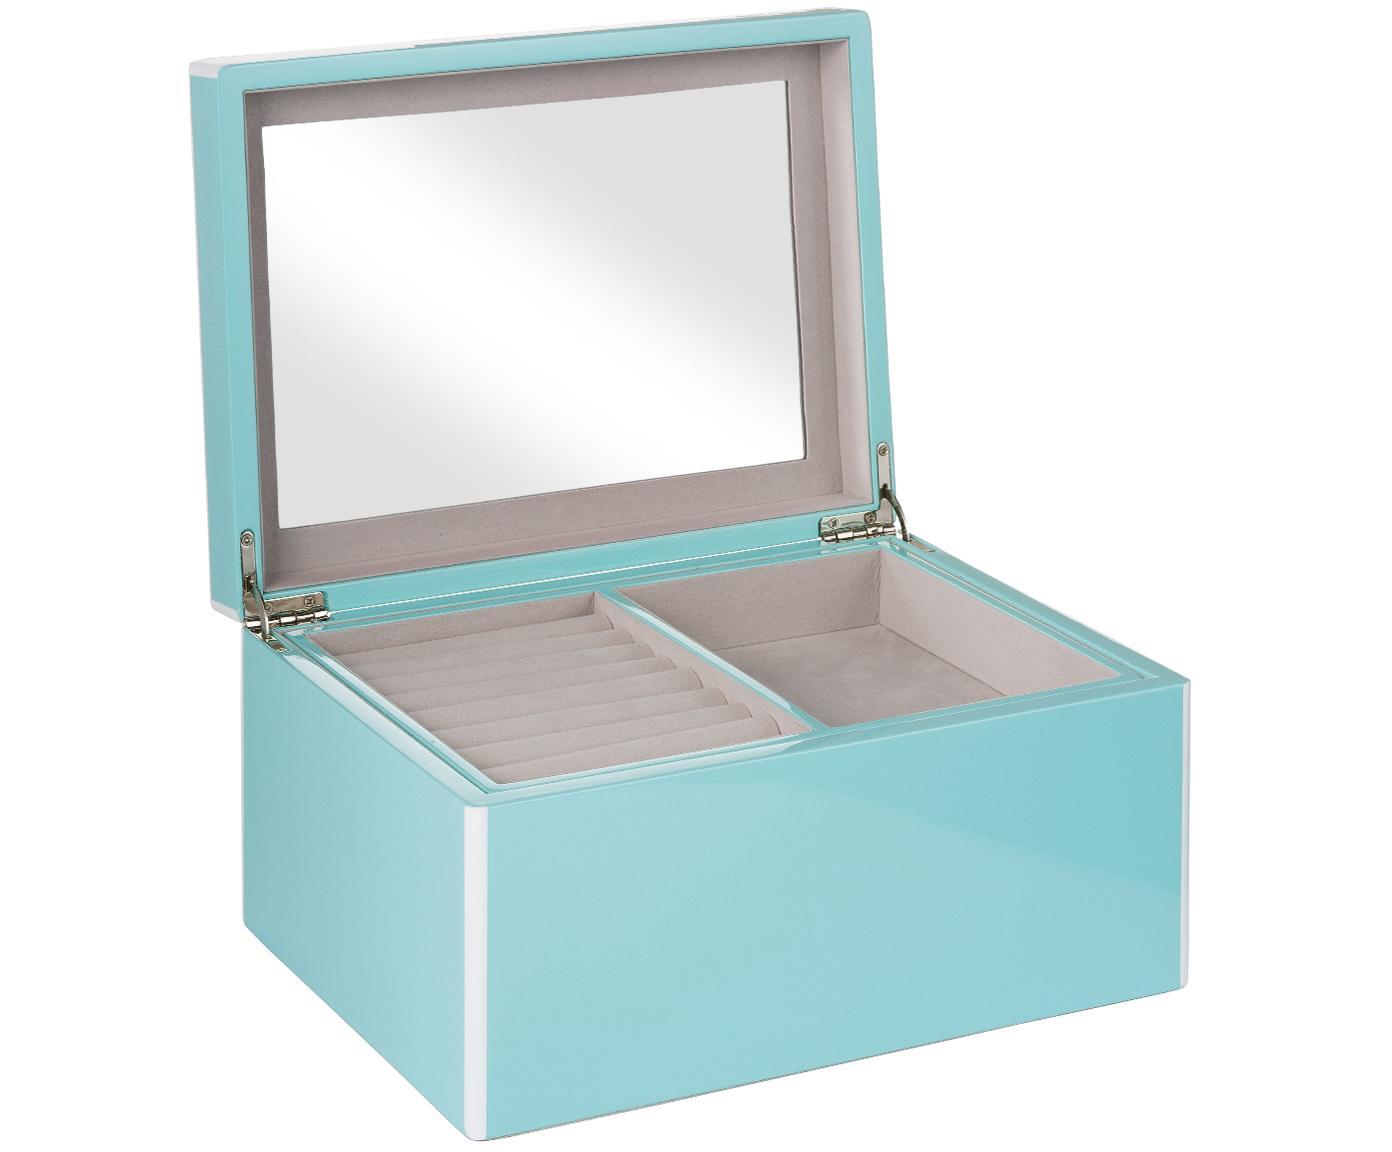 Szkatułka na biżuterię z lustrzaną powierzchnią Taylor, Jasnoniebieski, S 26 x W 13 cm